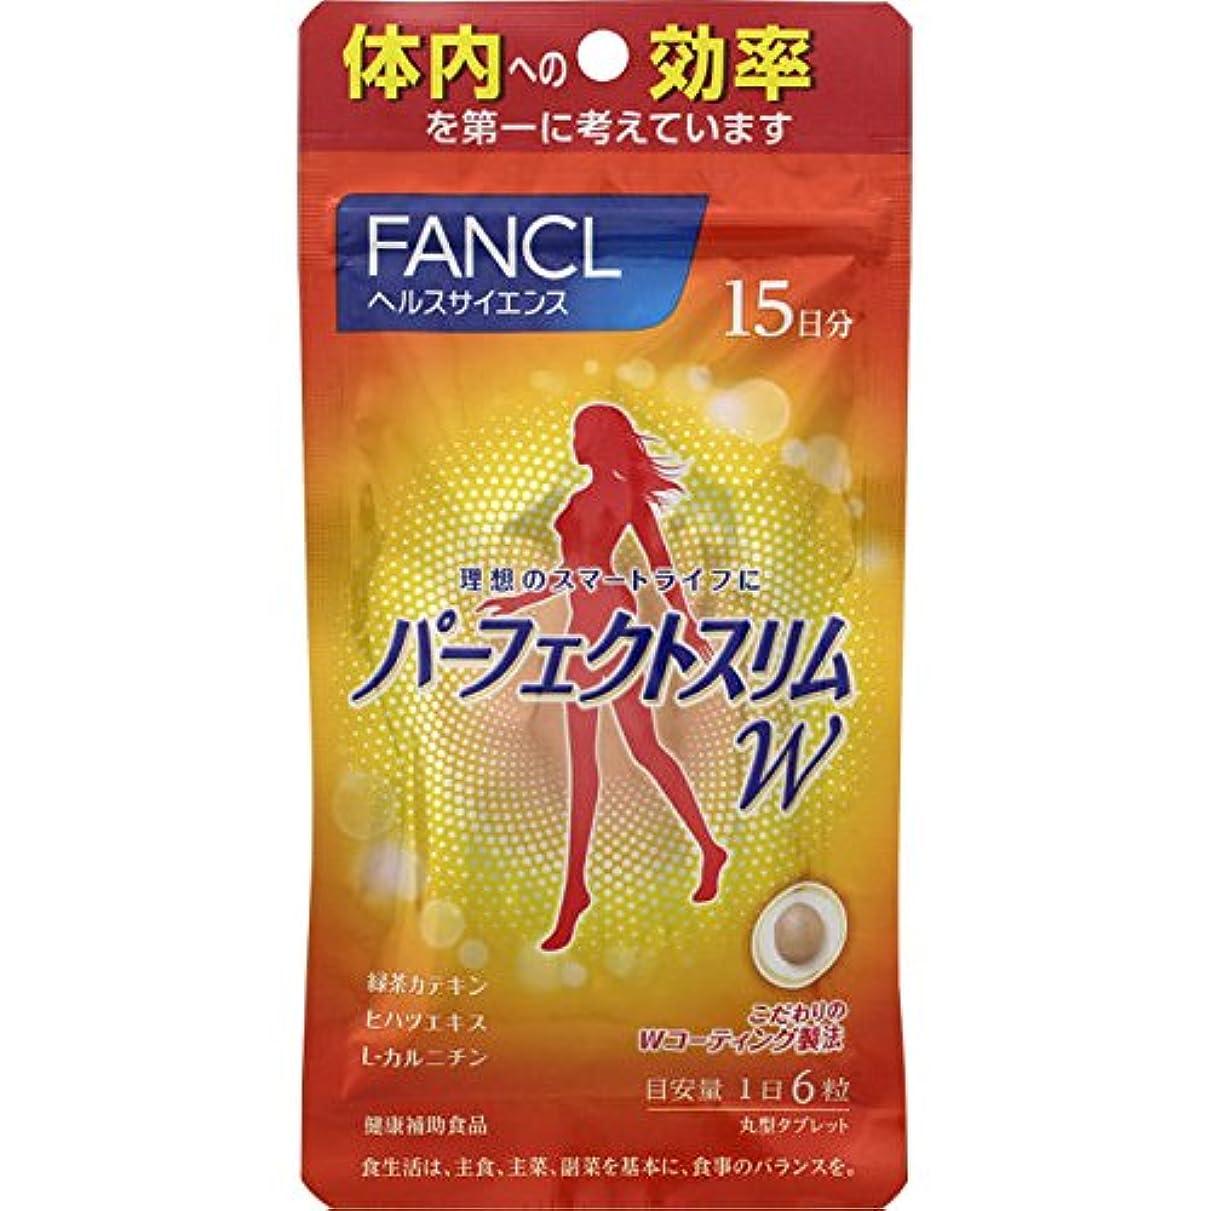 者診療所批判的にFANCL ファンケル パーフェクトスリム W 15日分 (90粒) 緑茶カテキン ヒハツエキス